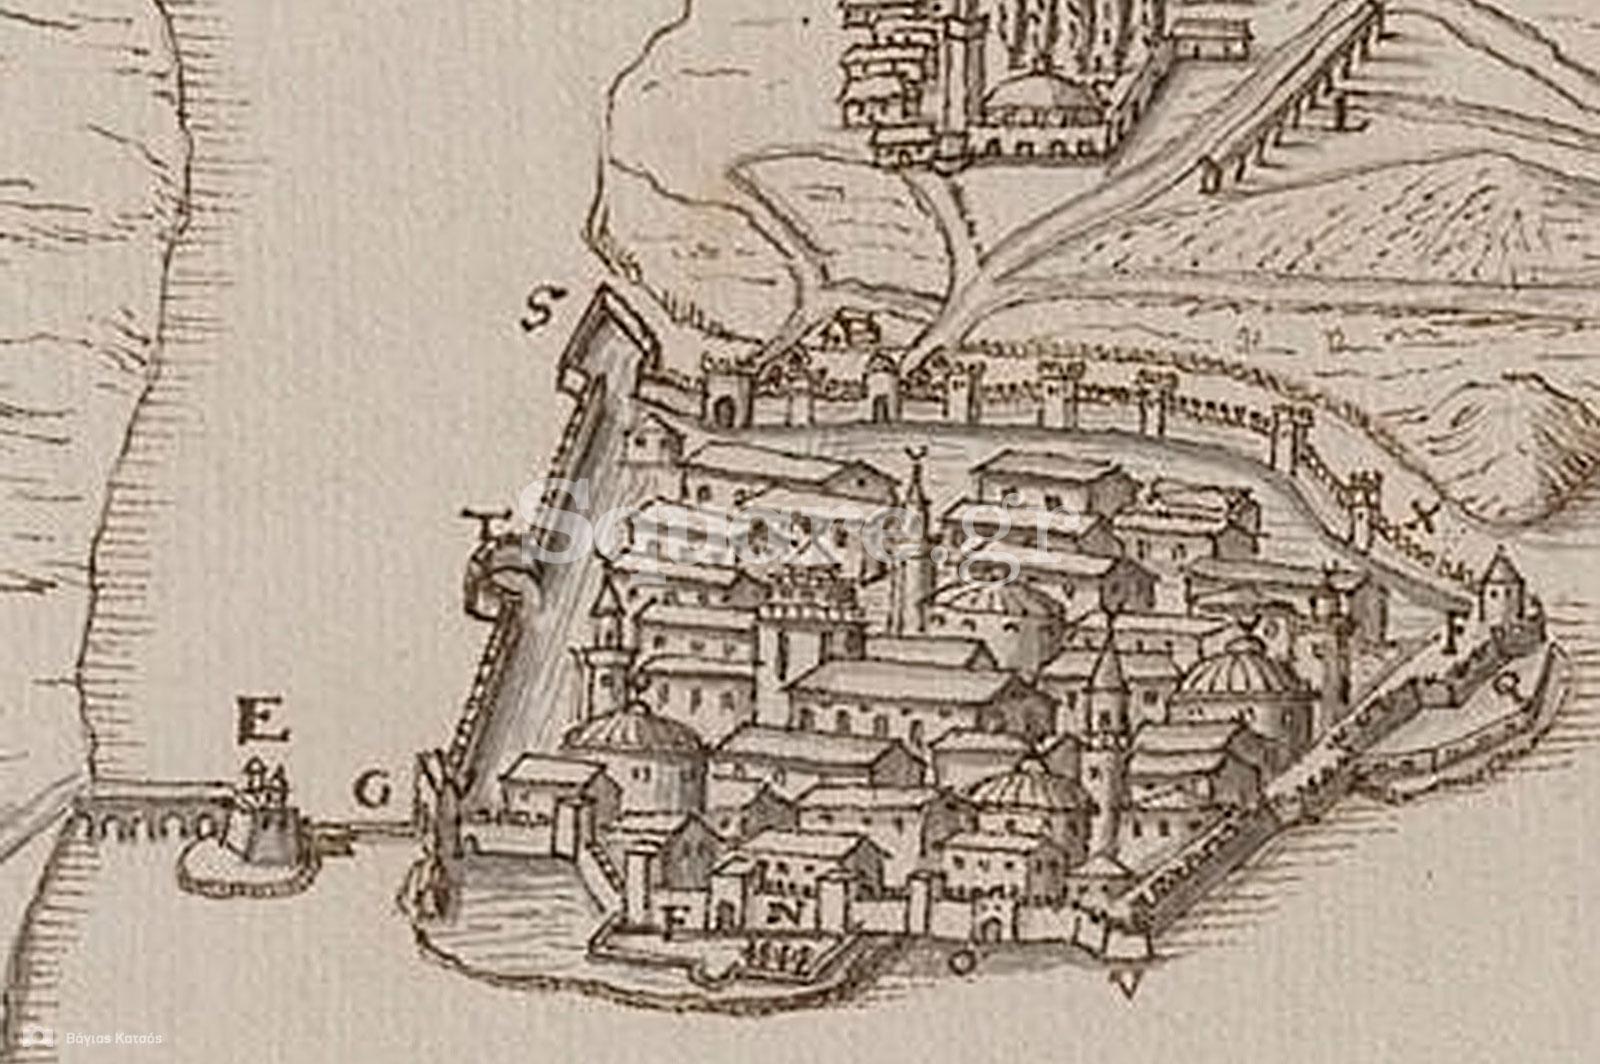 16-Λεπτομέρεια-χάρτη-εξαιρετικής-αξιοπιστίας